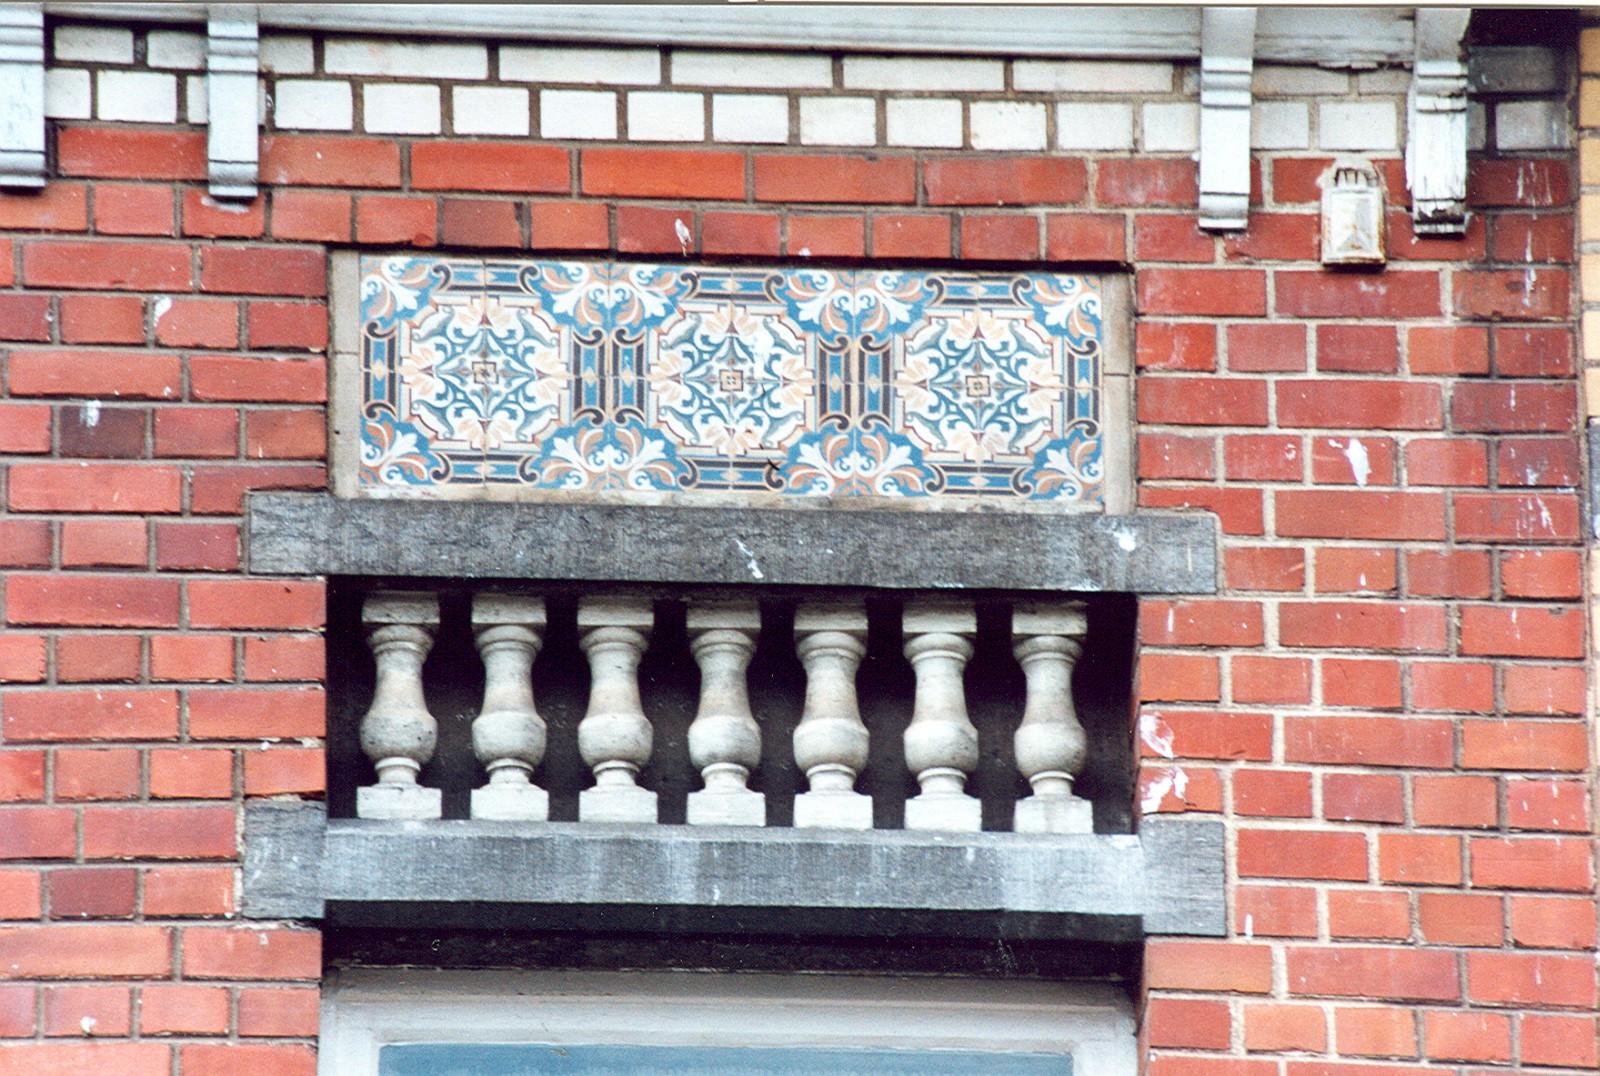 Frise de balustres, rue Louis Titeca 25, Woluwe-Saint-Pierre, 1911, entrepreneur J. Schoonejans-Lécho., 2002